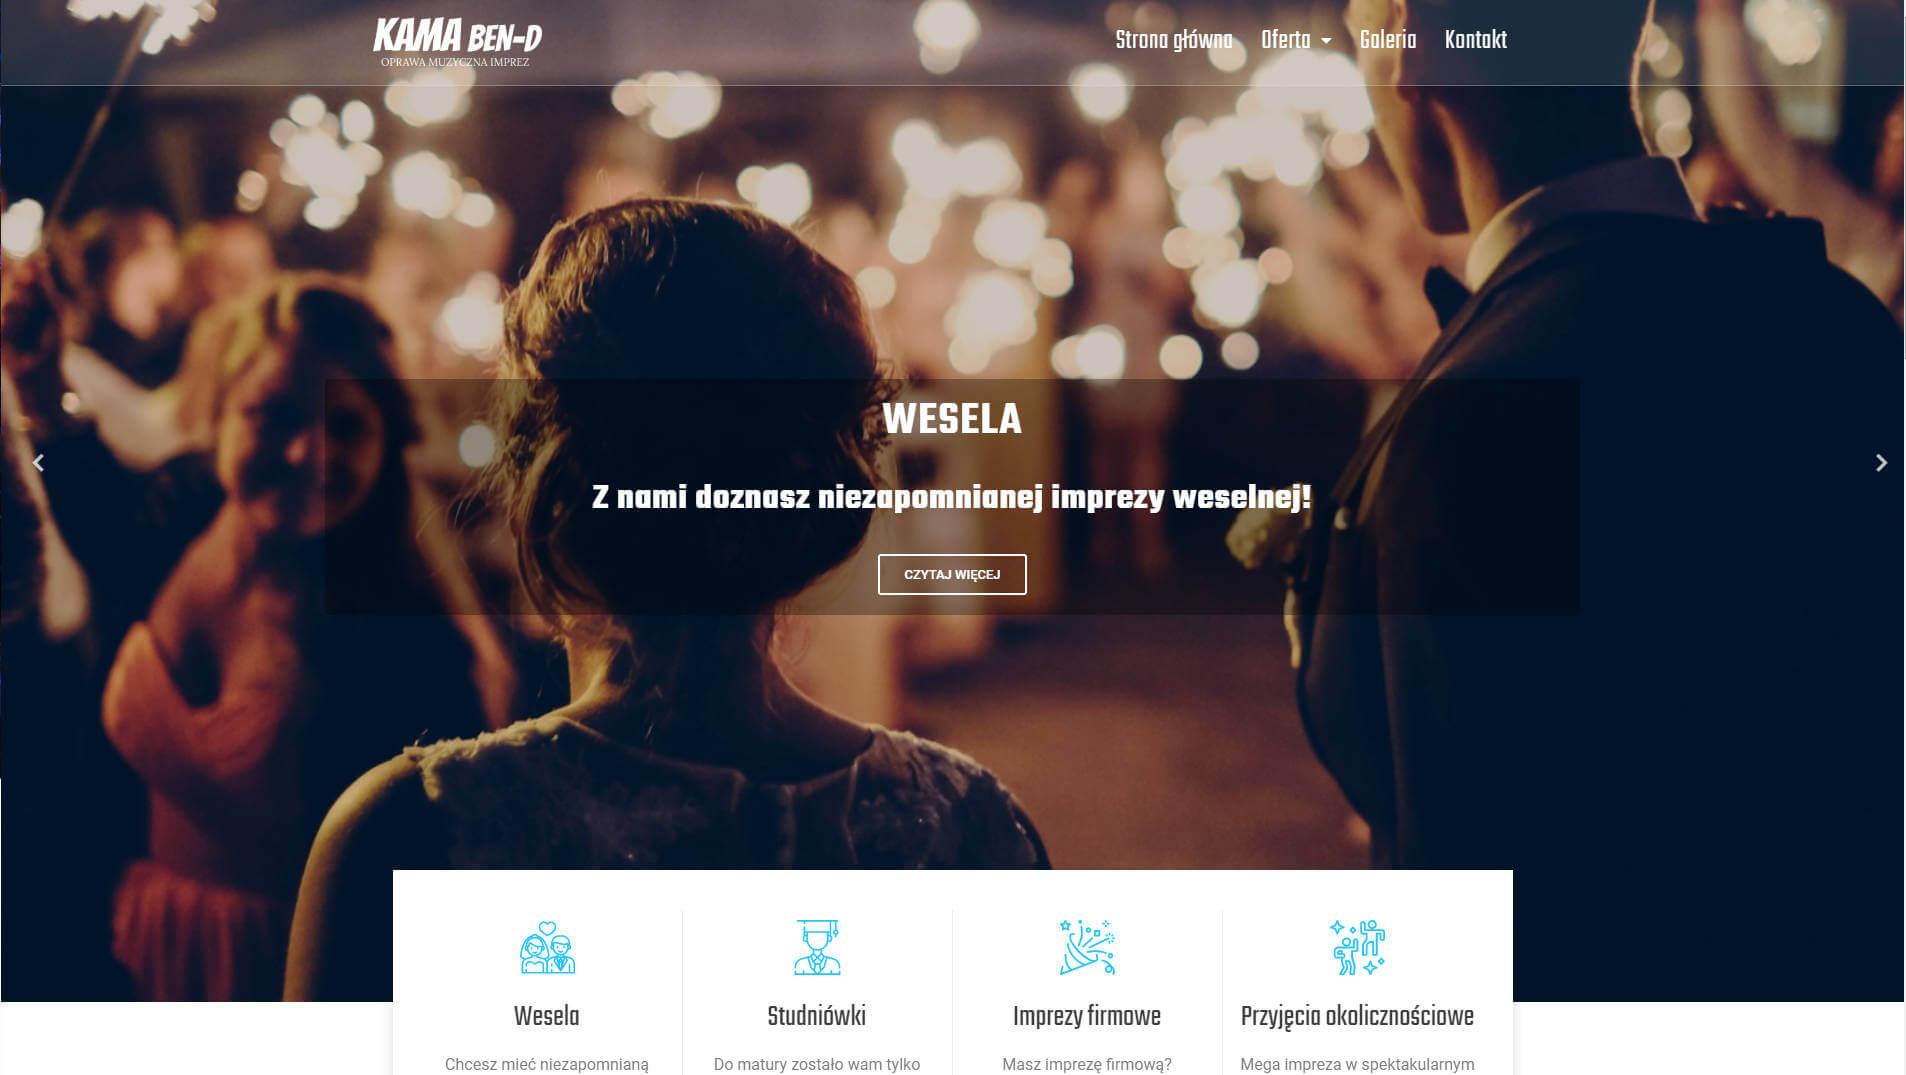 profesjonalna strona rozbudowana www dla zespołu muzycznego kama ben-d